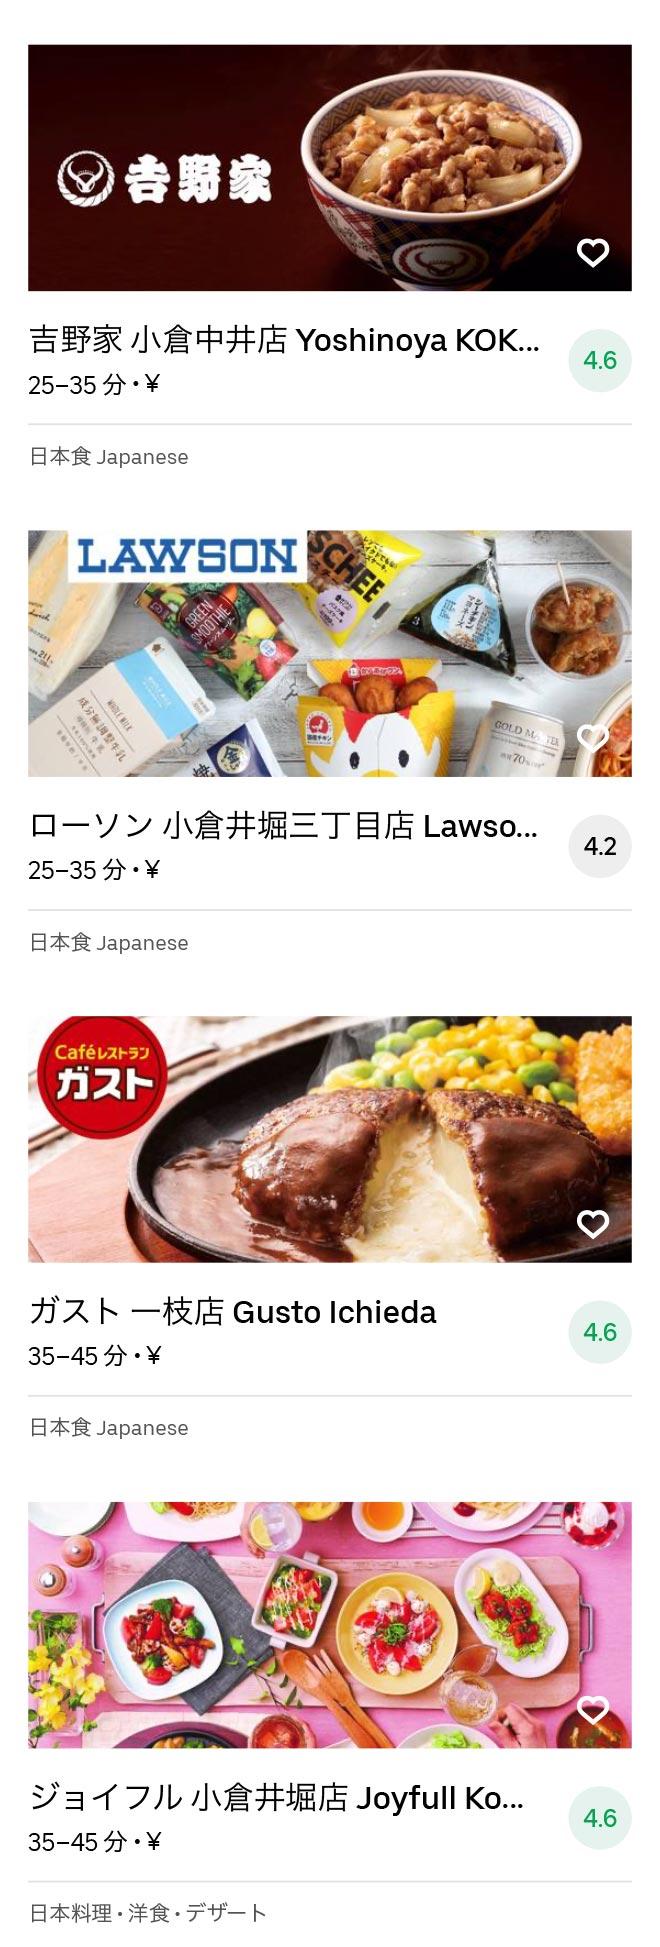 Kyusyu koudai menu 2008 02